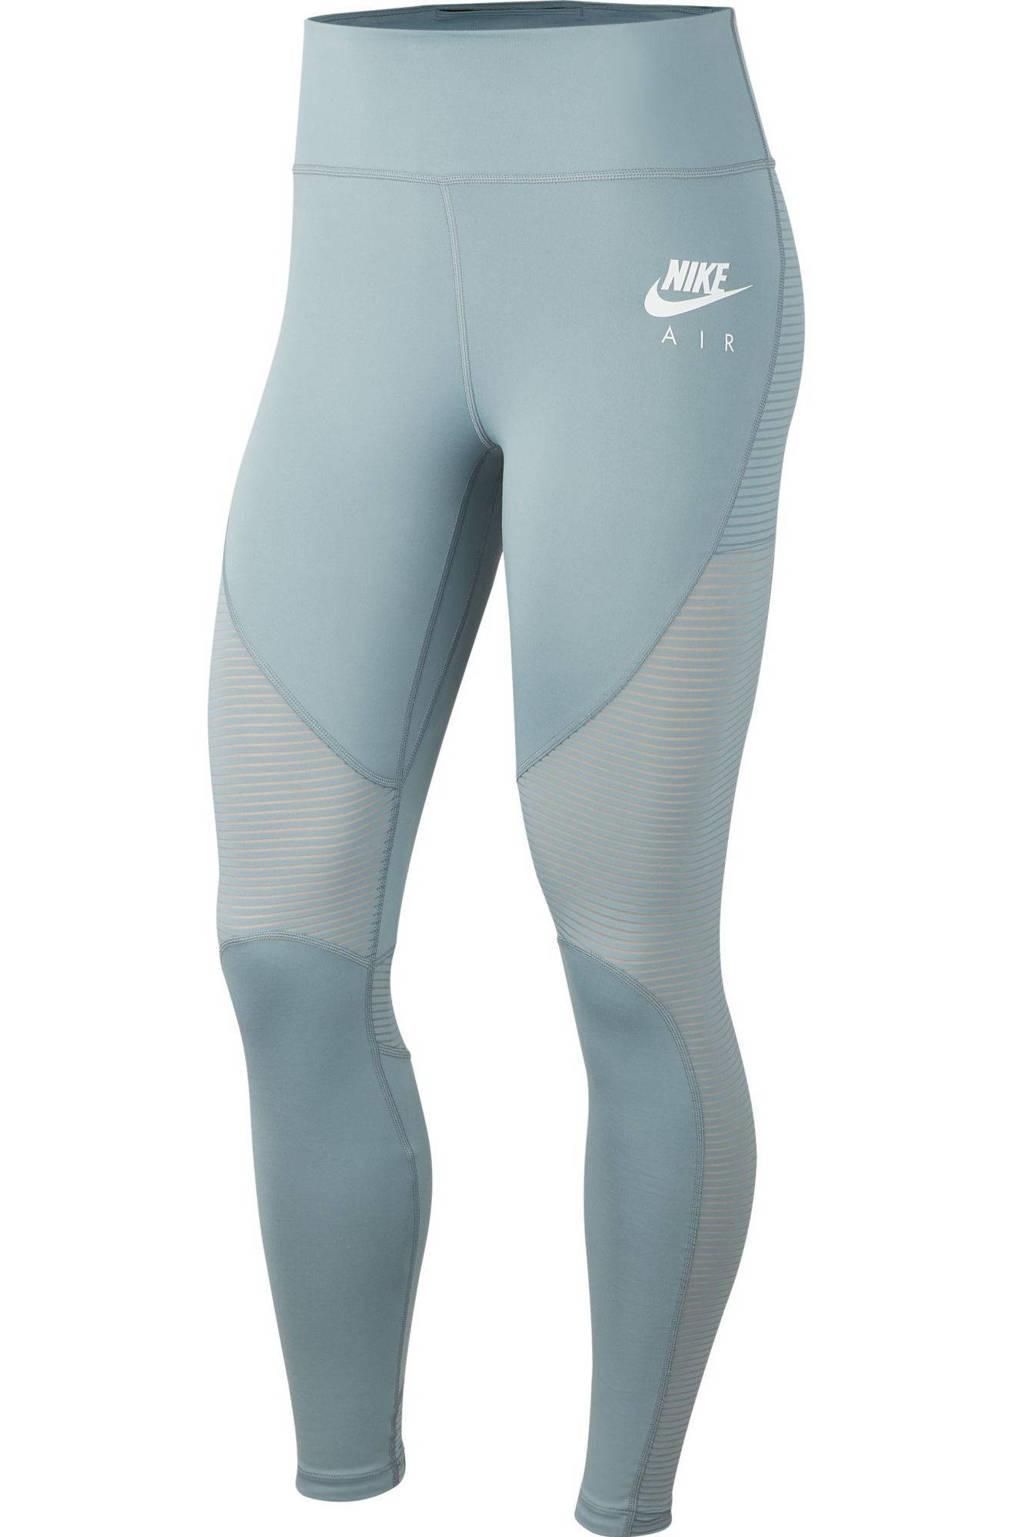 Nike 7/8 hardloopbroek grijsgroen, Grijsgroen